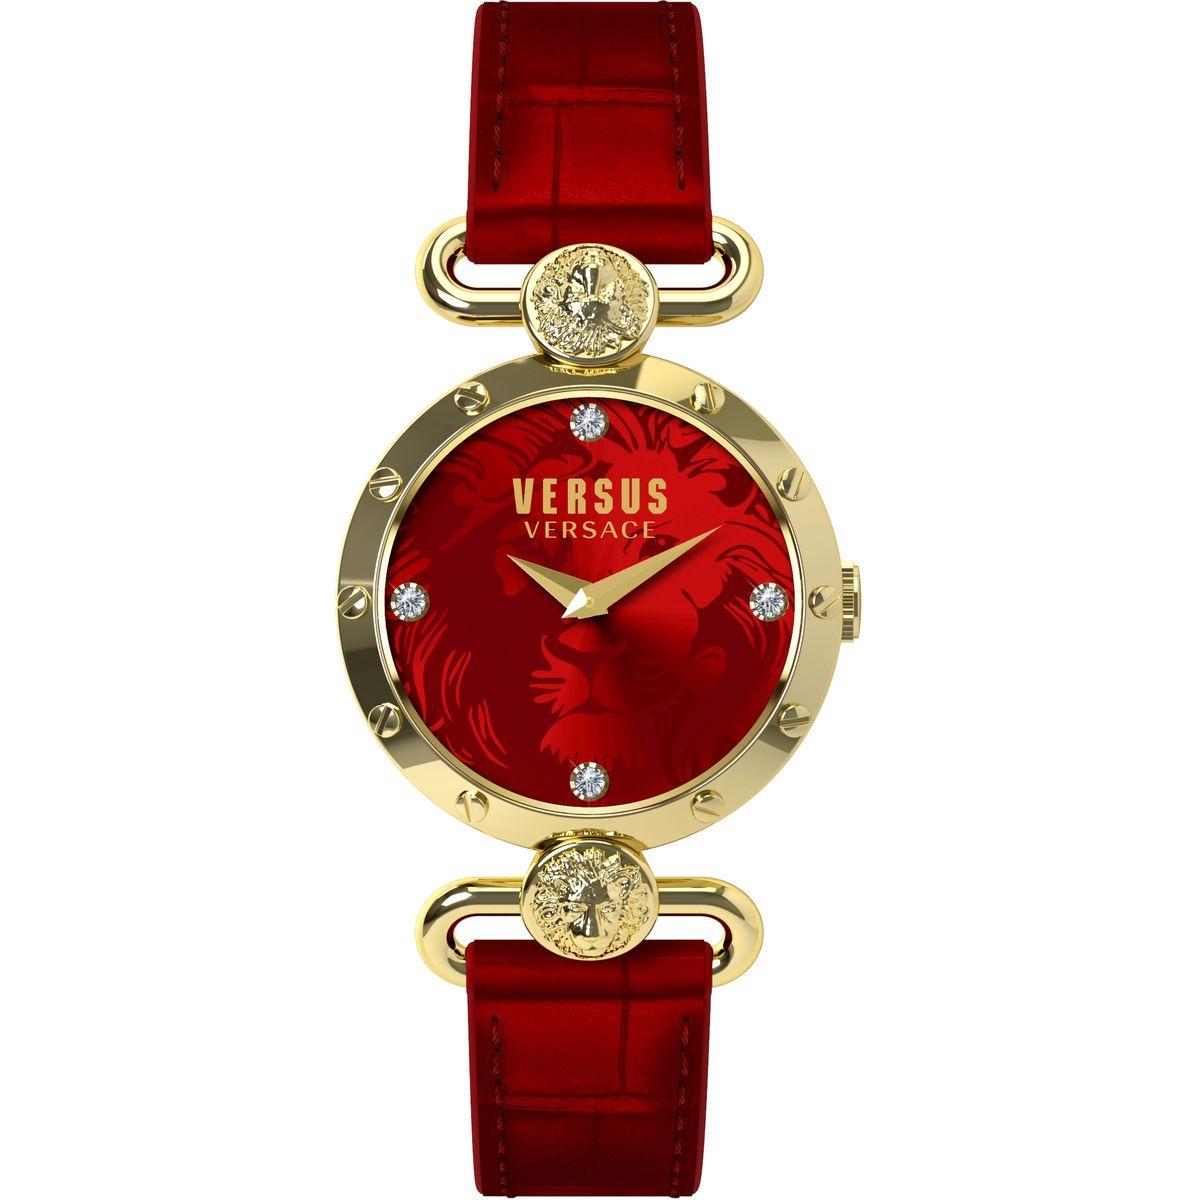 Наручные часы женские Versus Versace, цвет: золотой, красный. SOL030015SOL0300153 стрелки, механизм кварцевый Citizen_2025, сталь, диаметр циферблата 38 мм, кожаный ремешок, застежка из стали, стекло минеральное, водонепроницаемость - 3 АТМ